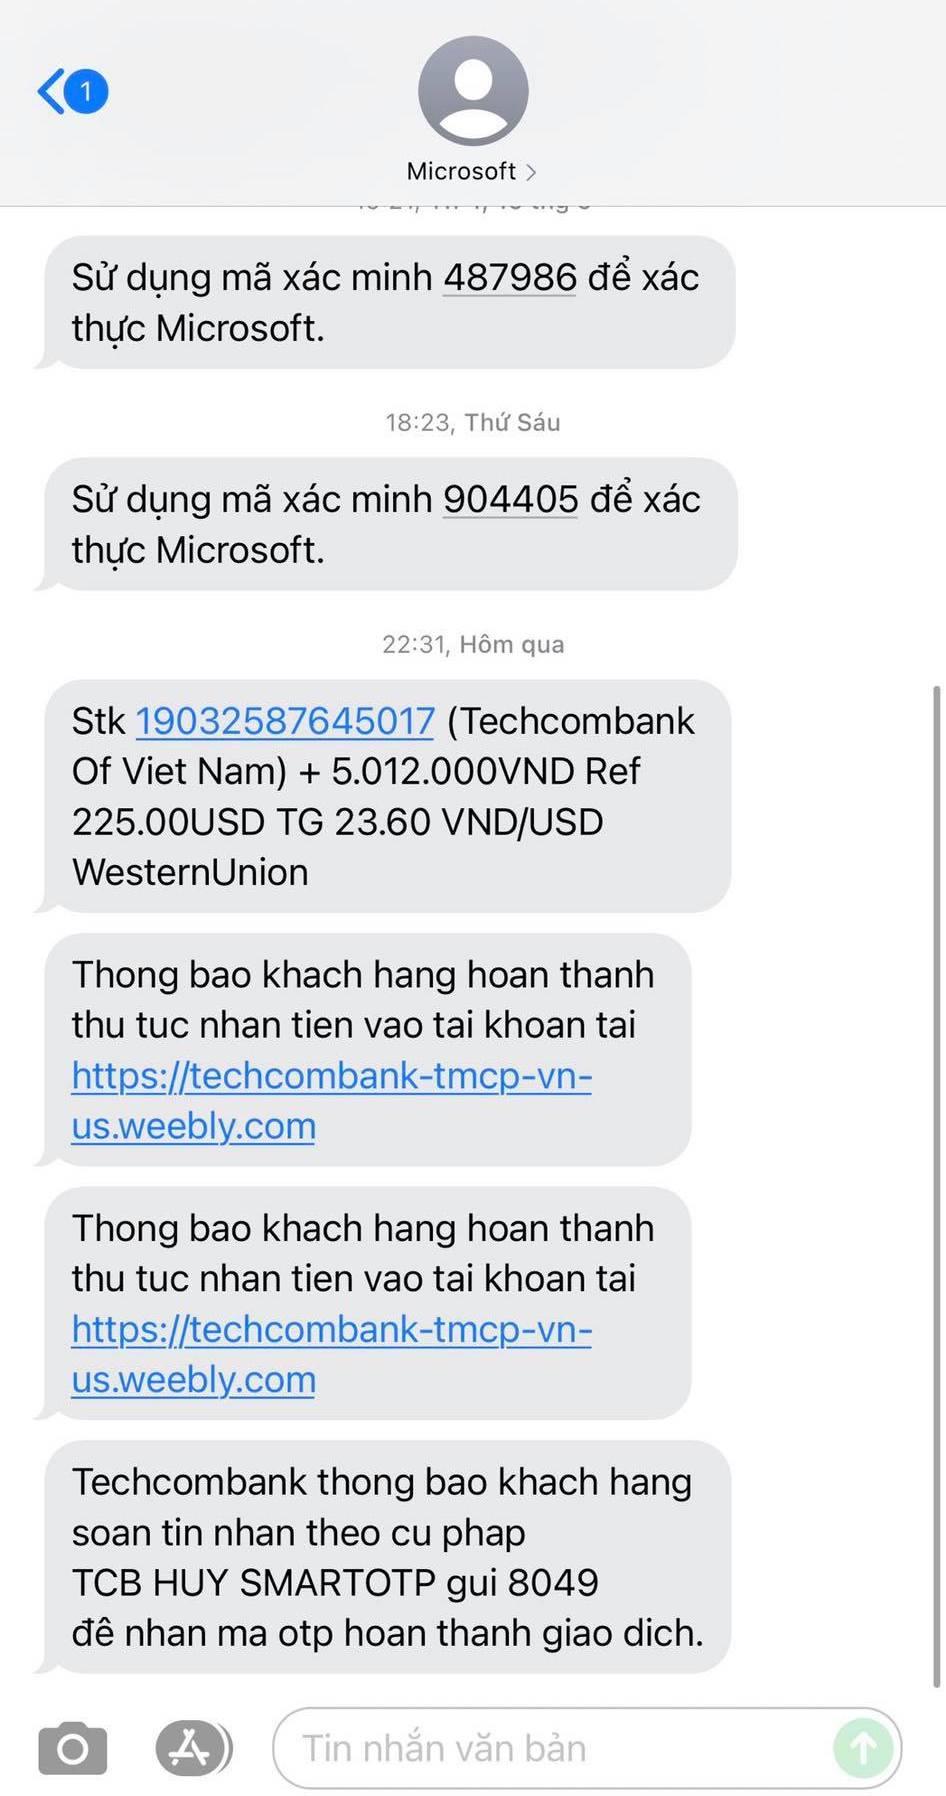 Các tin nhắn giả mạo ngân hàng được thông báo qua đầu số Microsoft